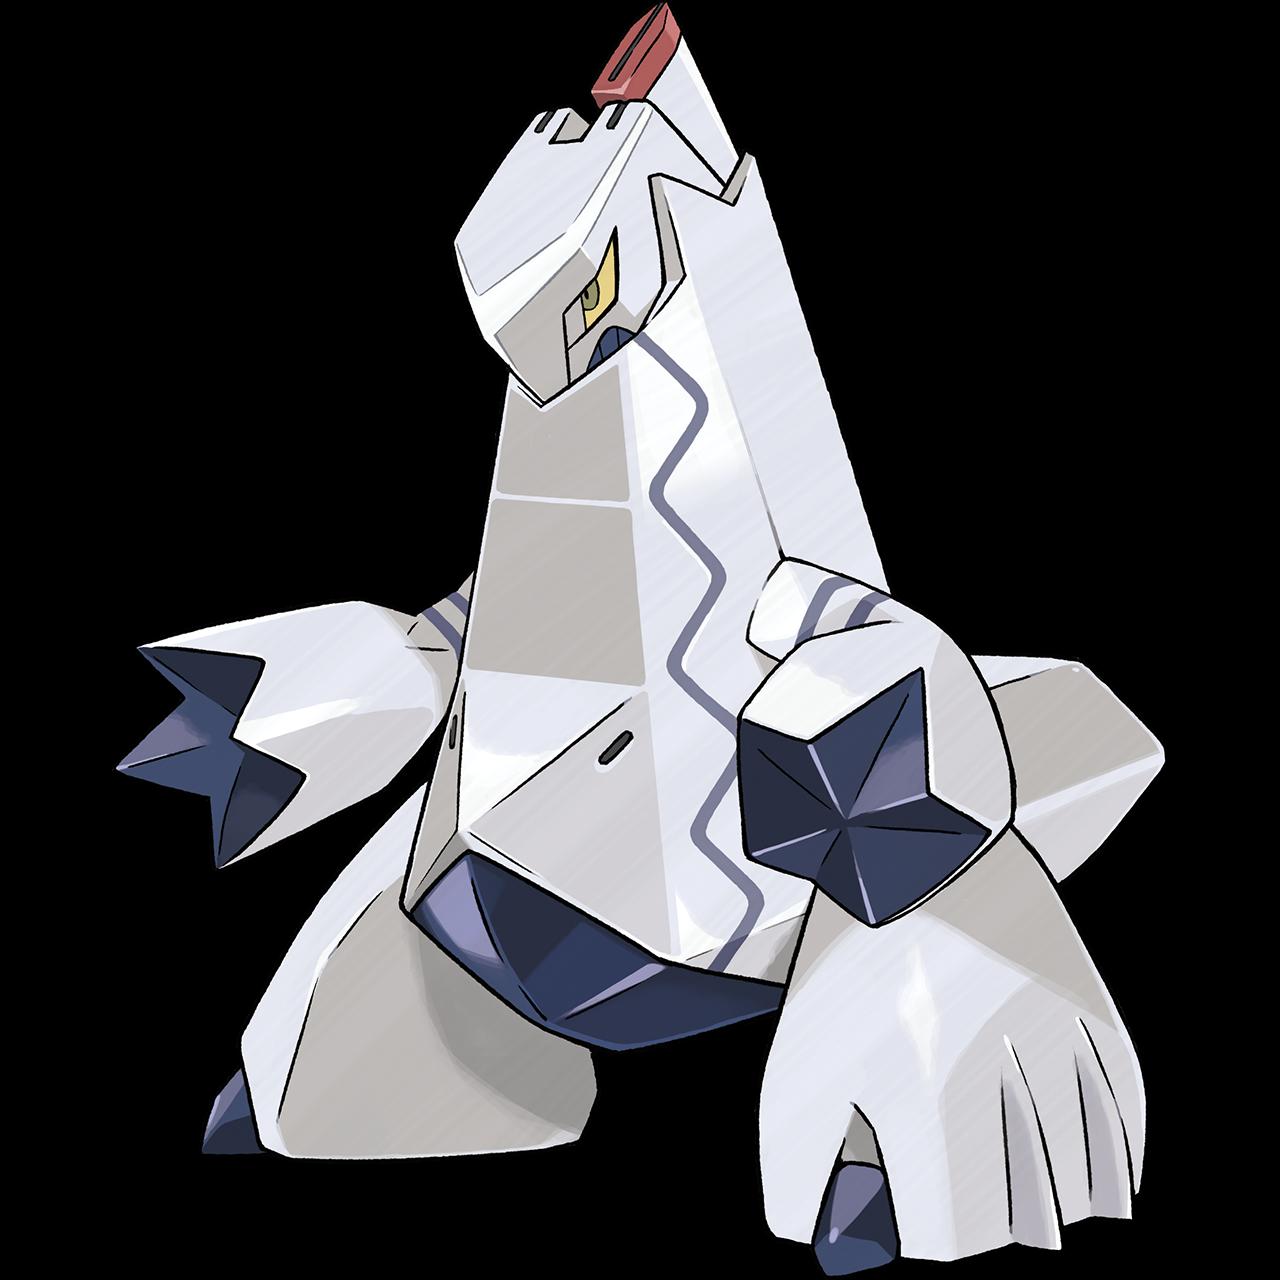 Duraludon (Pokémon)